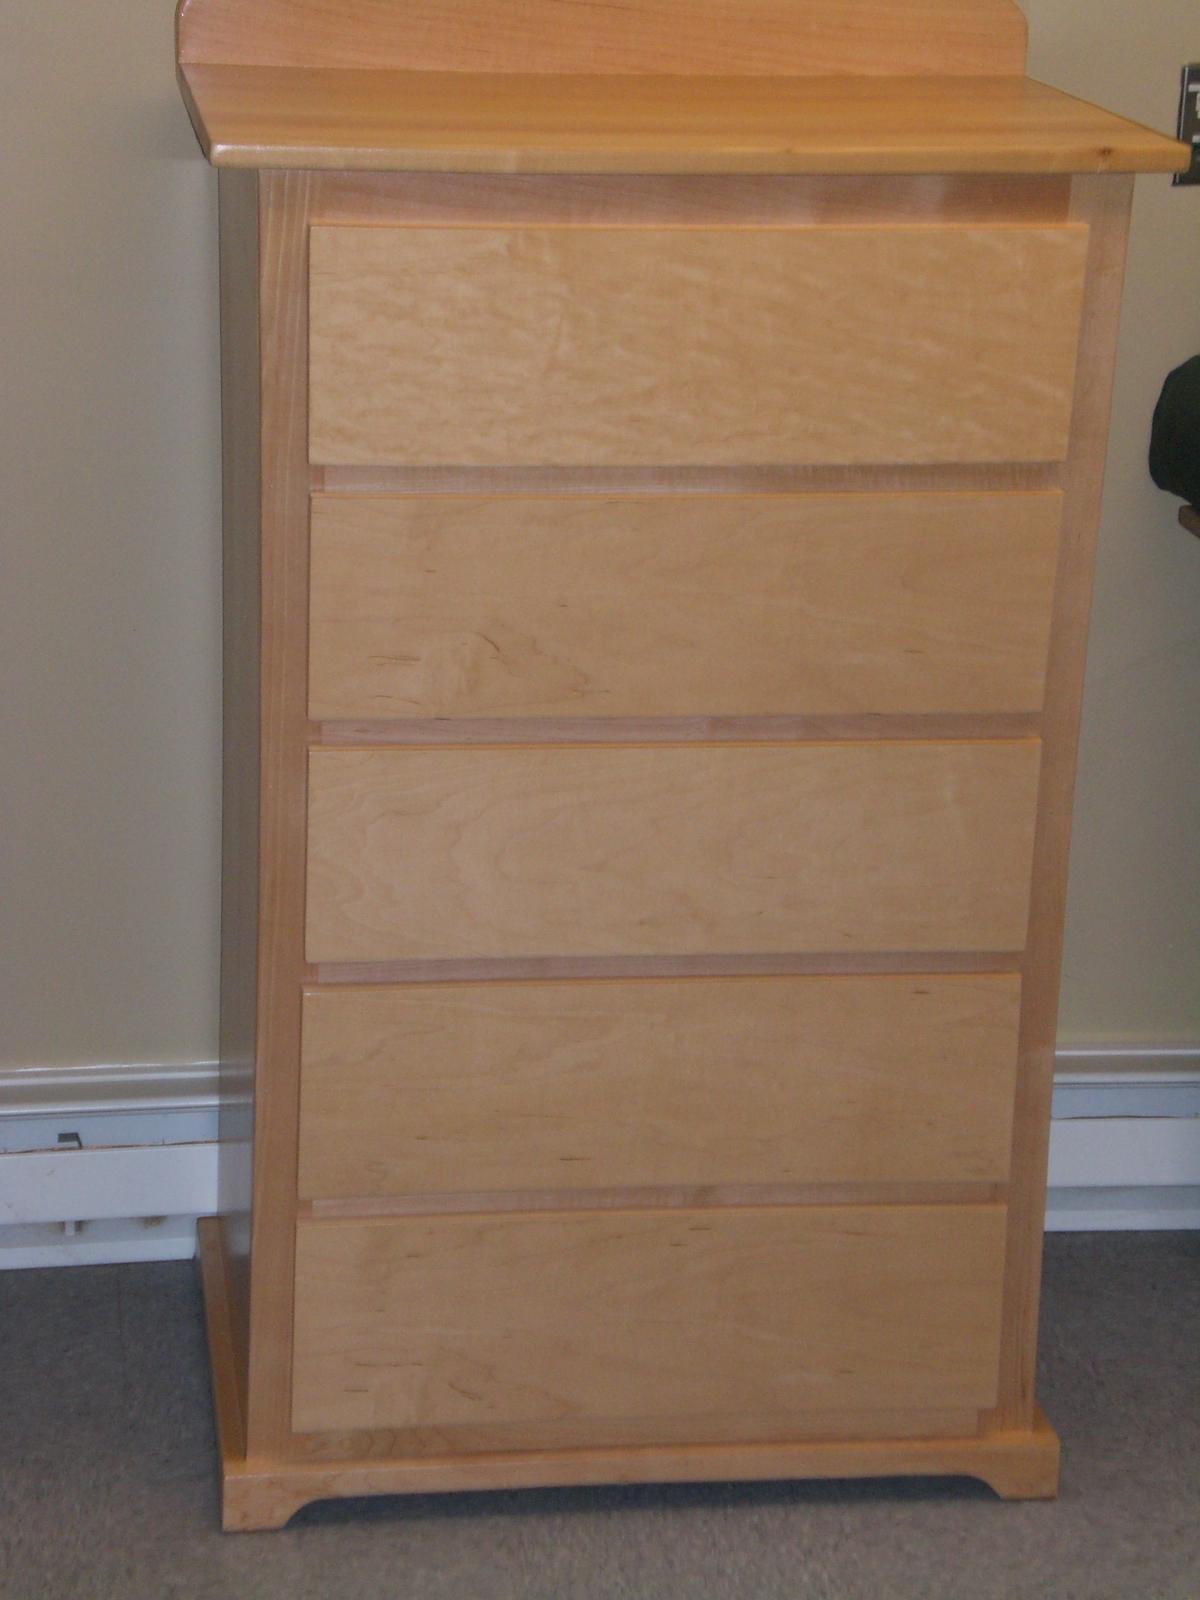 5 Drawer Bureau